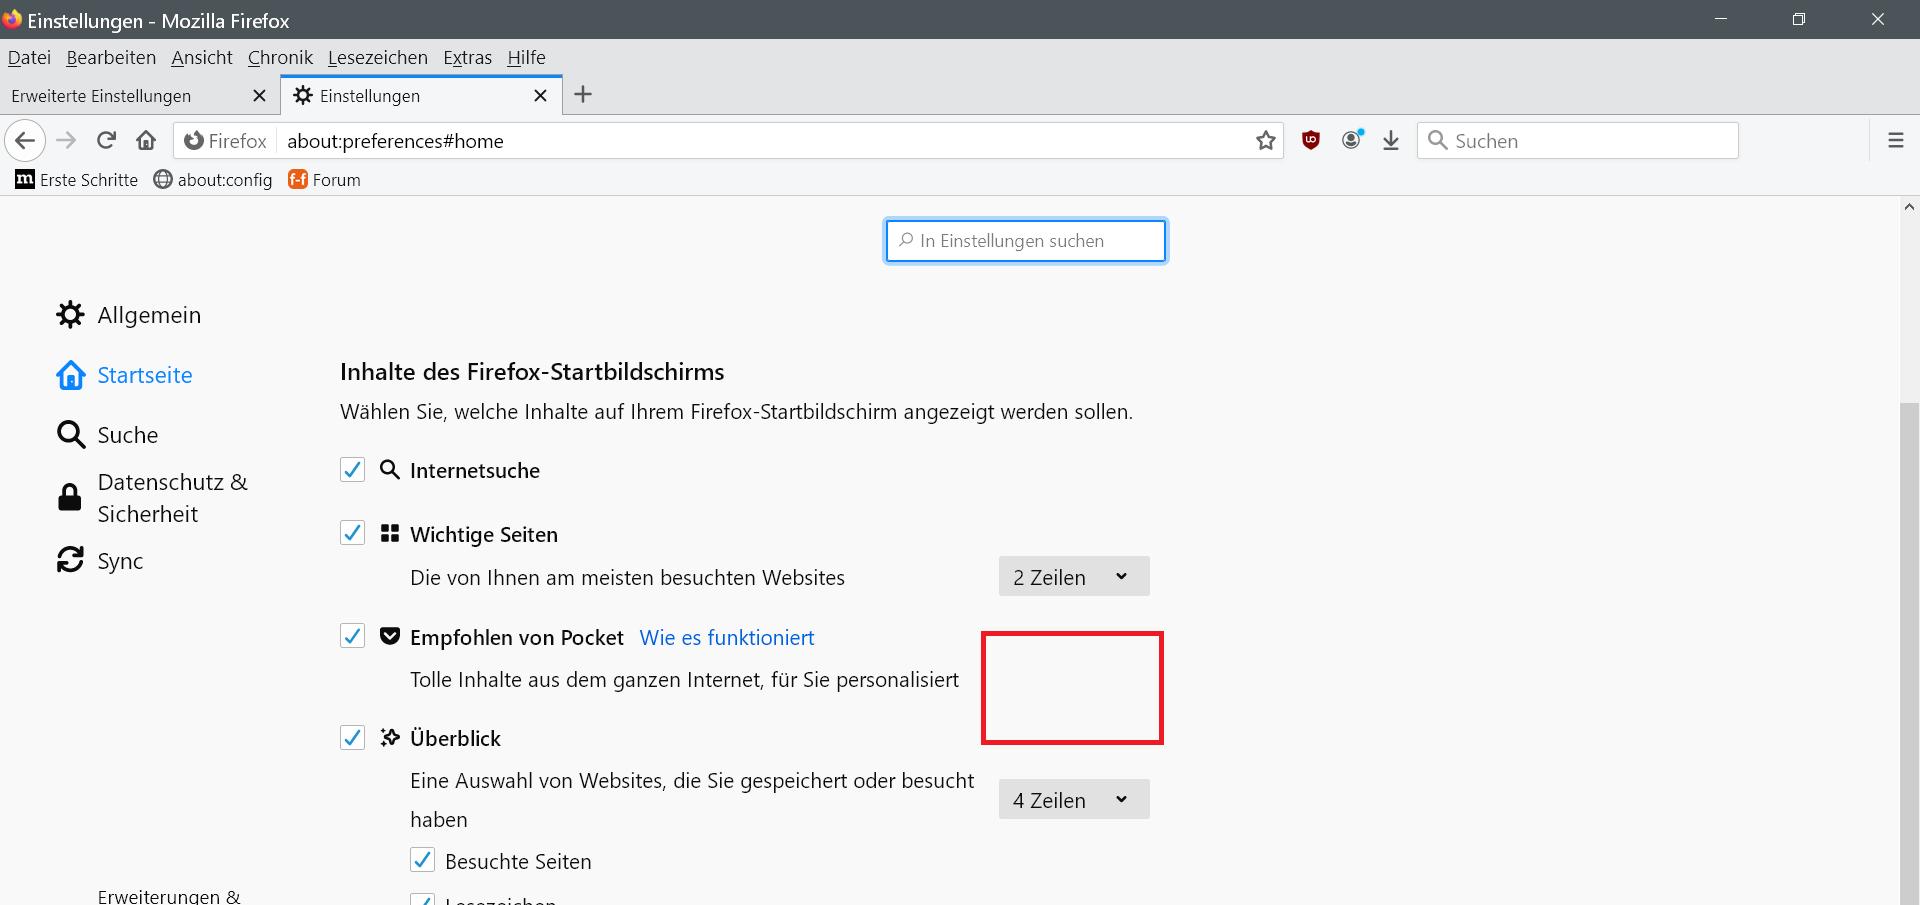 Firefox Empfohlen Von Pocket